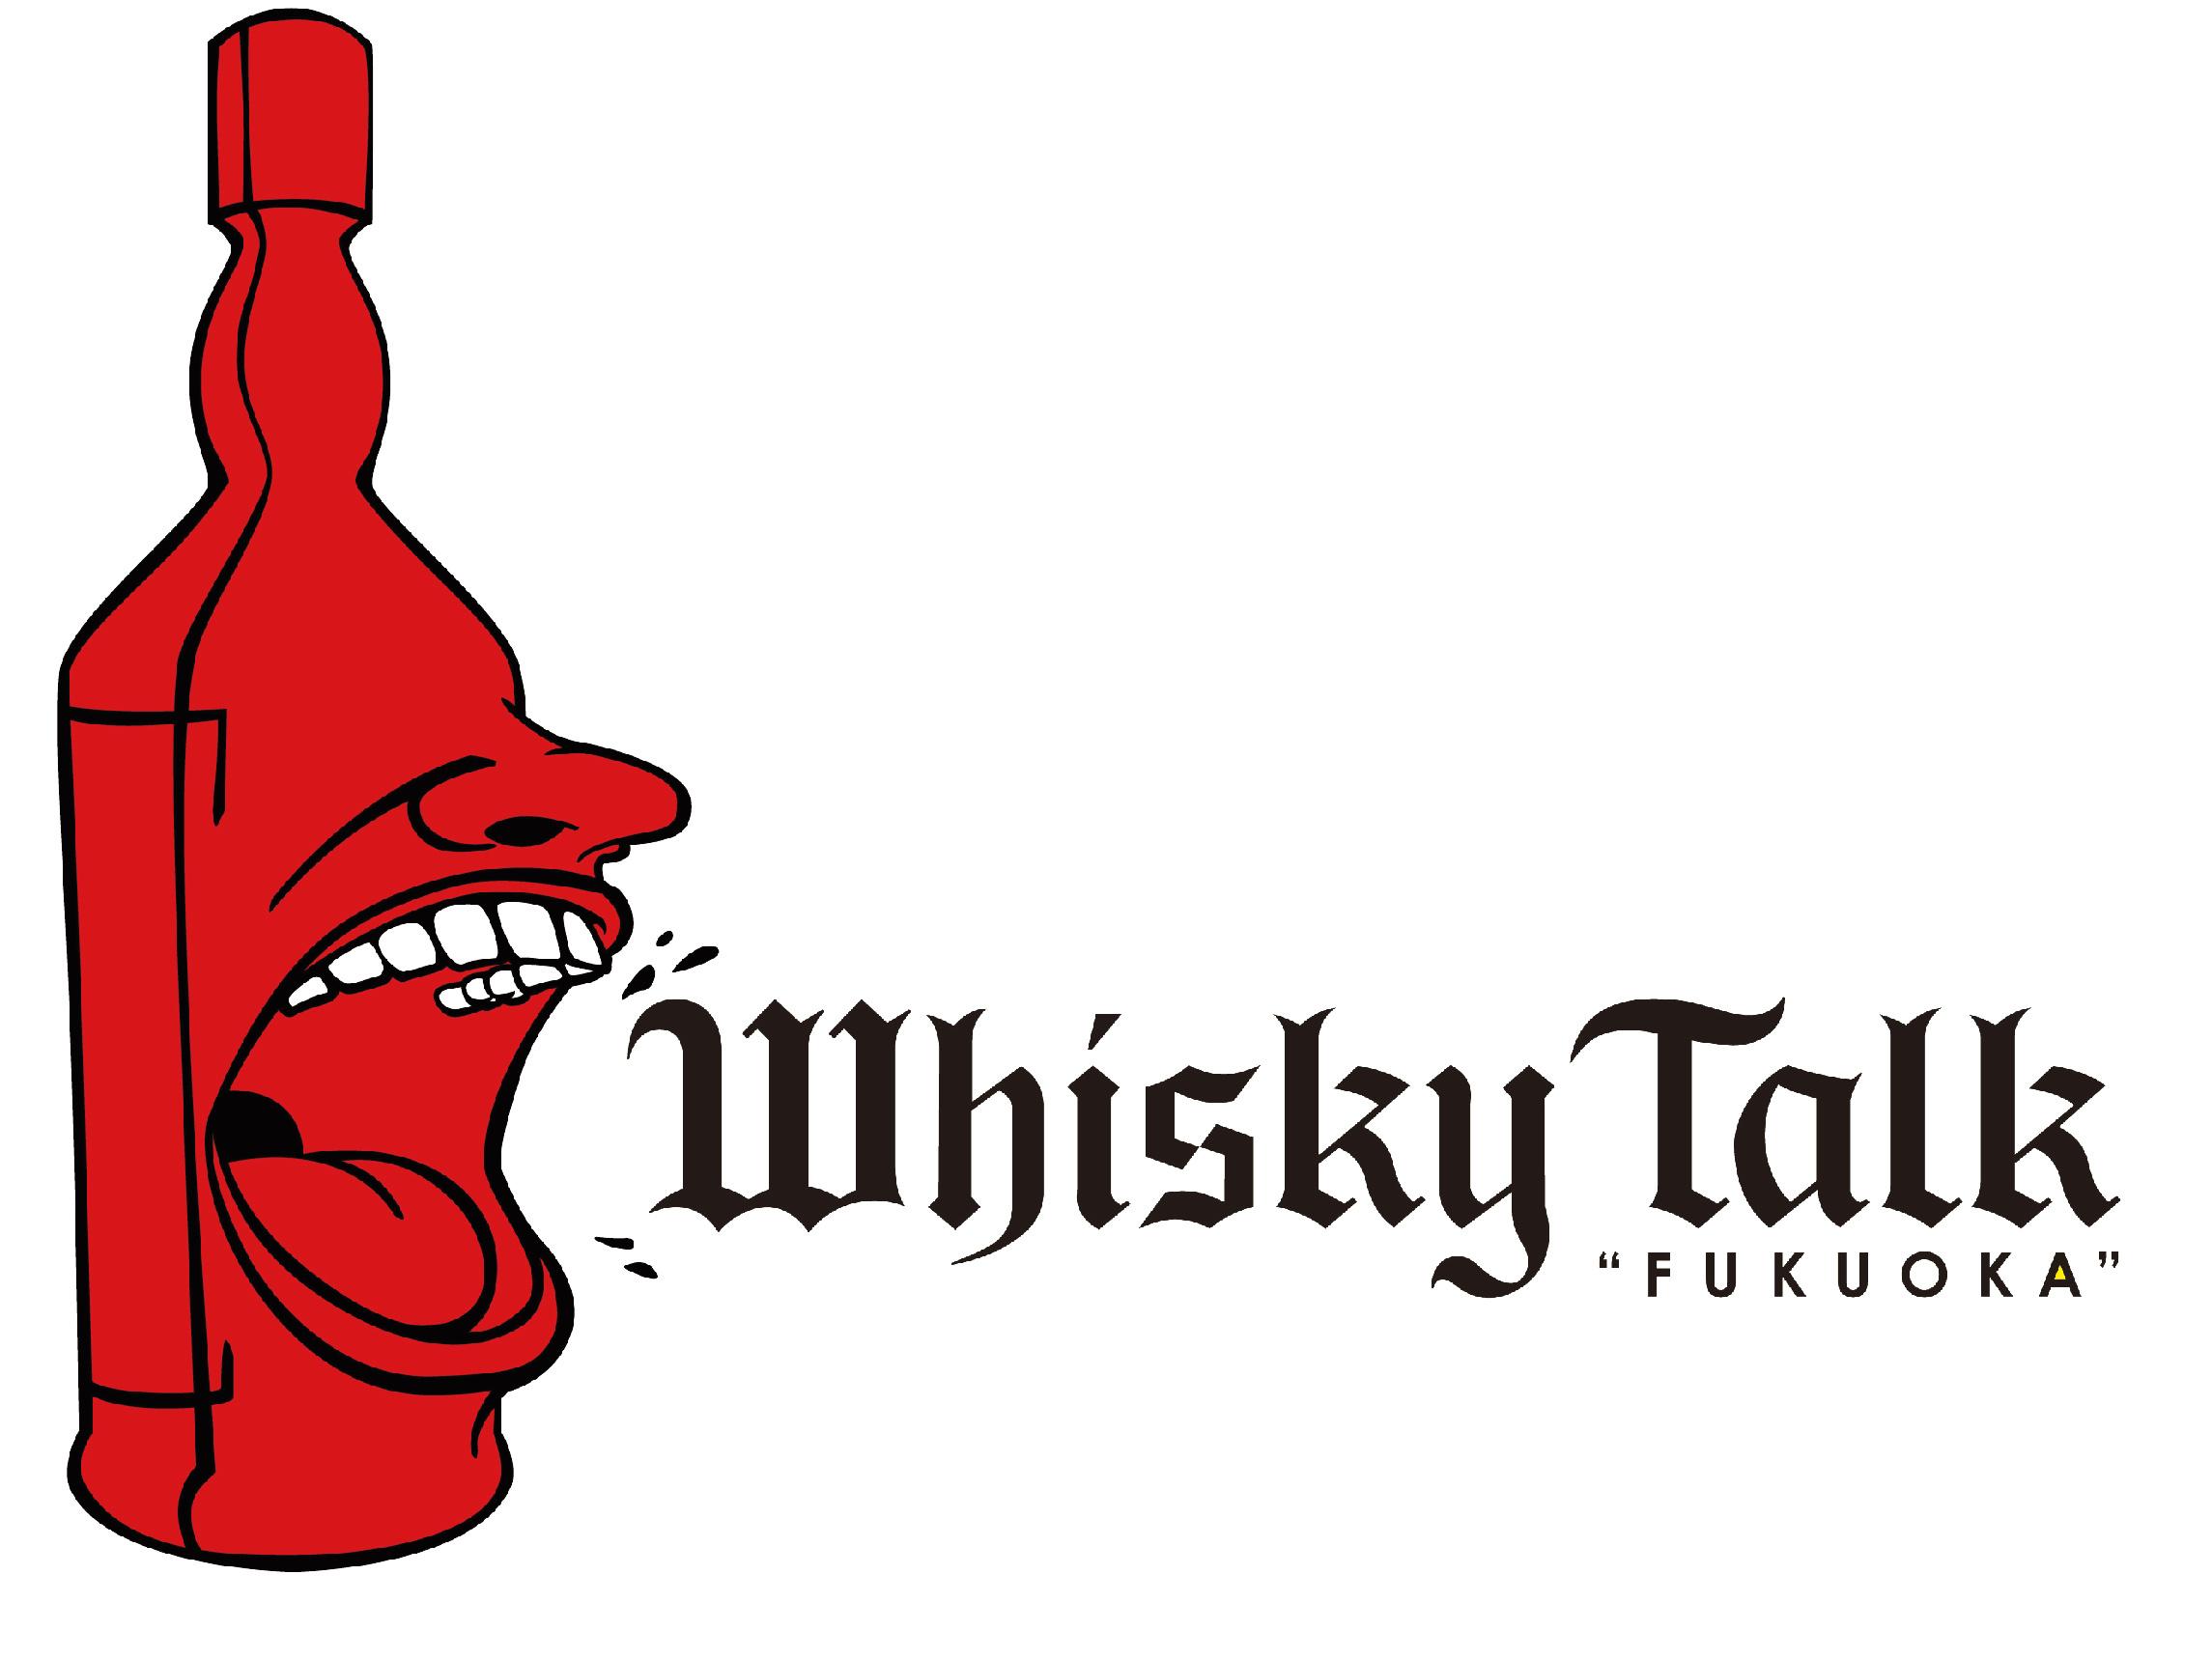 ウイスキートーク福岡ロゴ